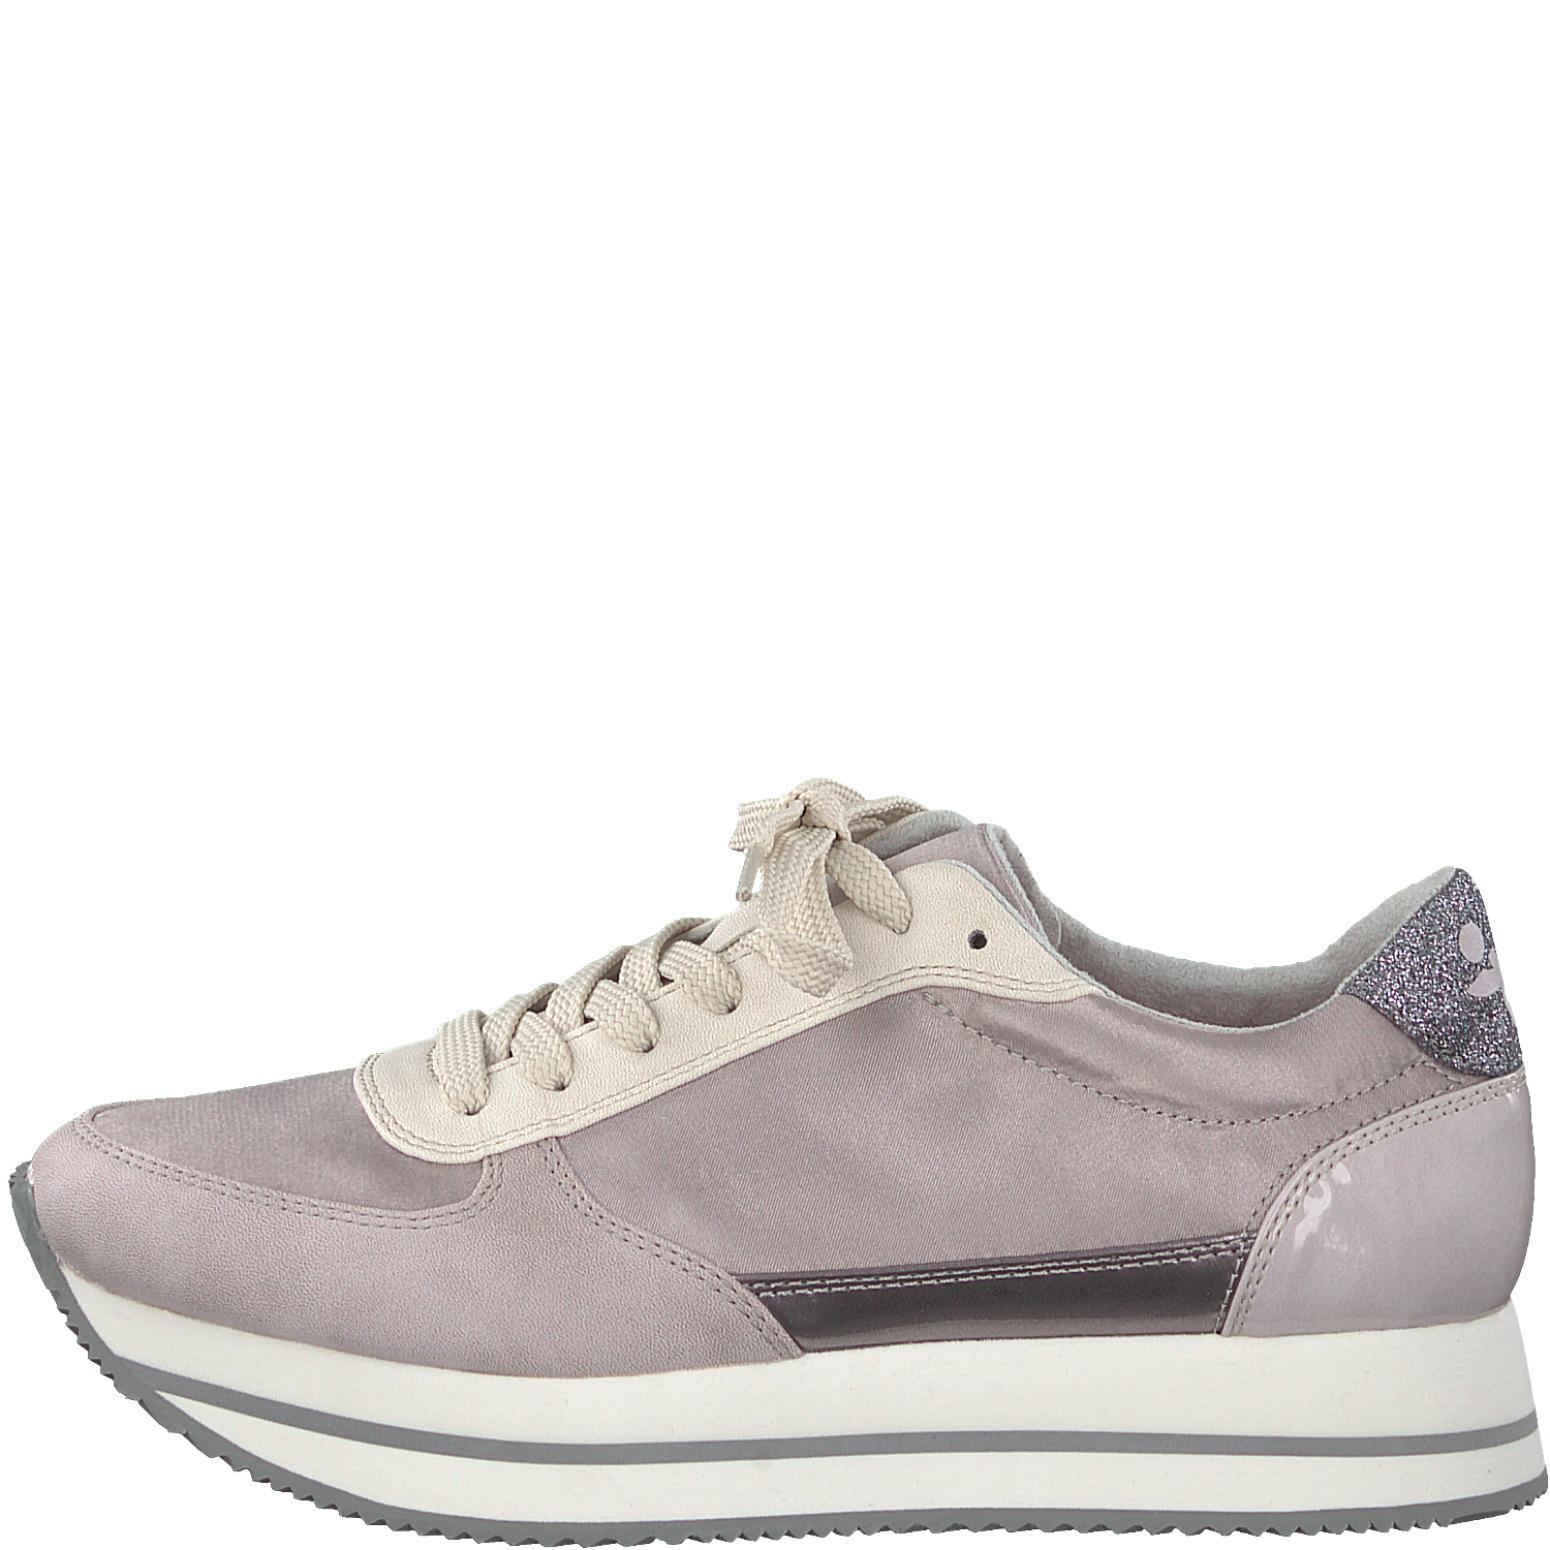 Tamaris Damen Sneaker Yoga it 1 23705 555 lavender